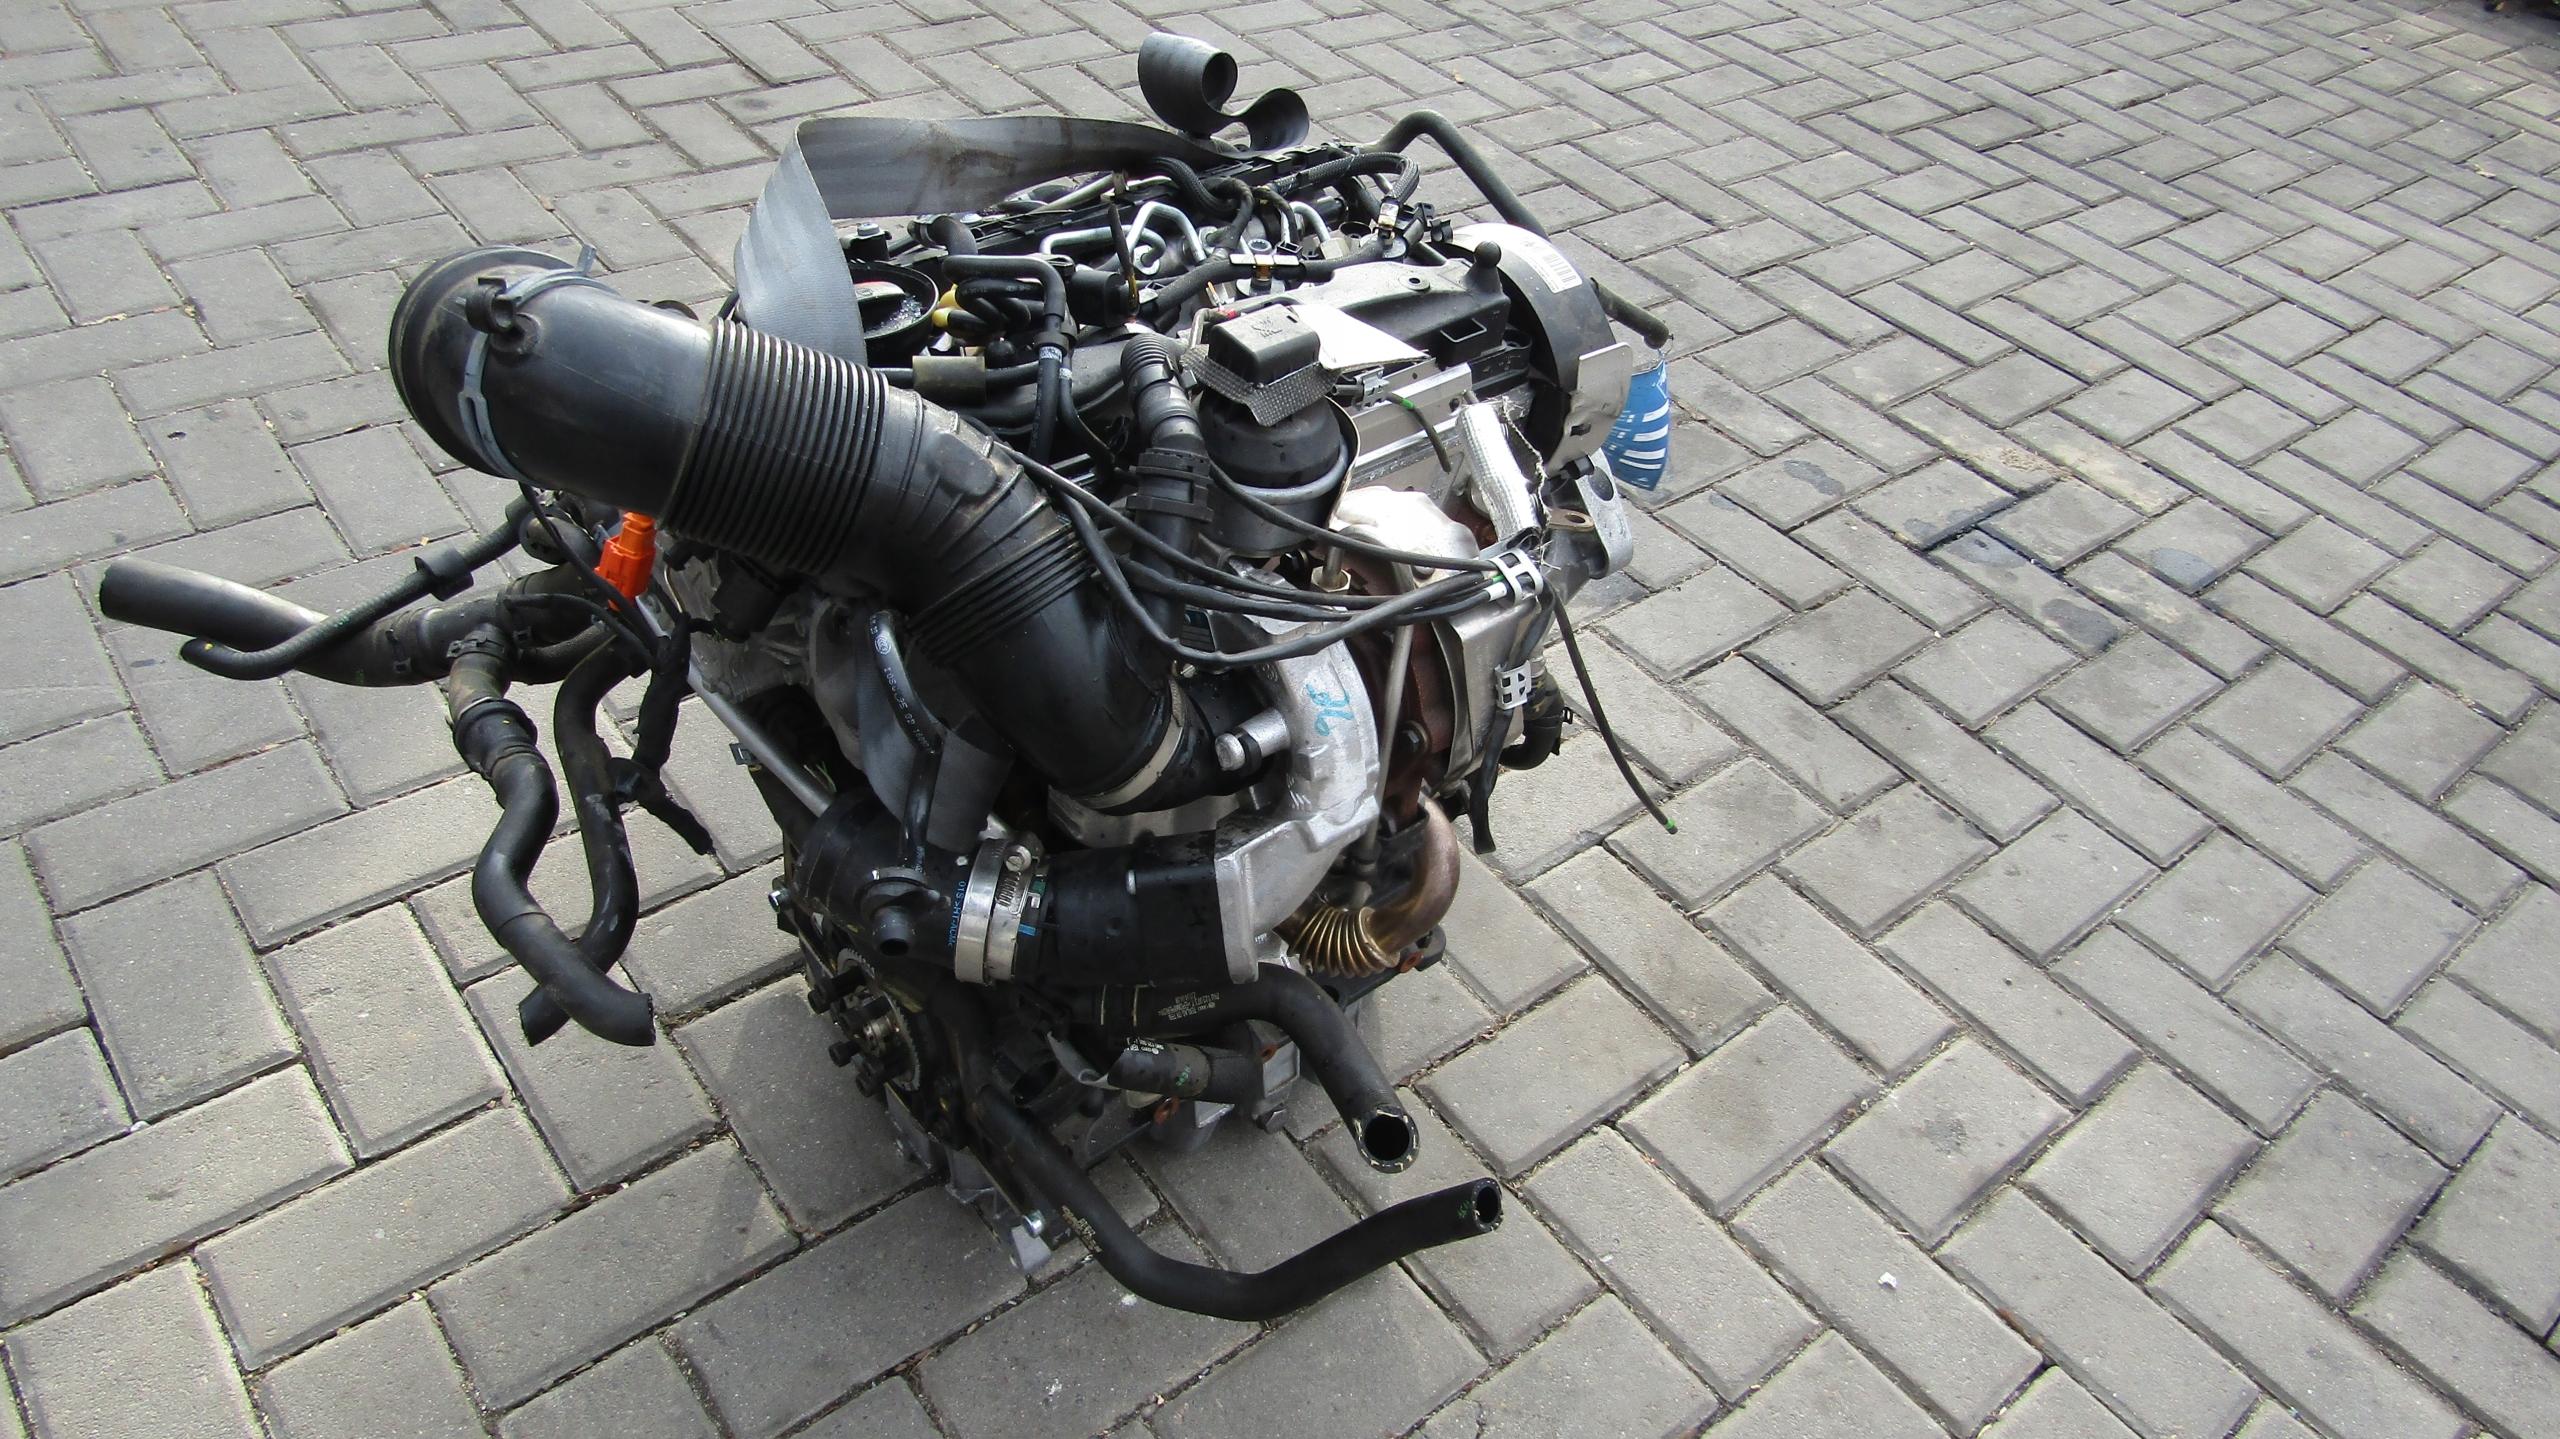 Vw tiguan двигатель 2.0 tdi cffb комплектный #@# - фото 2